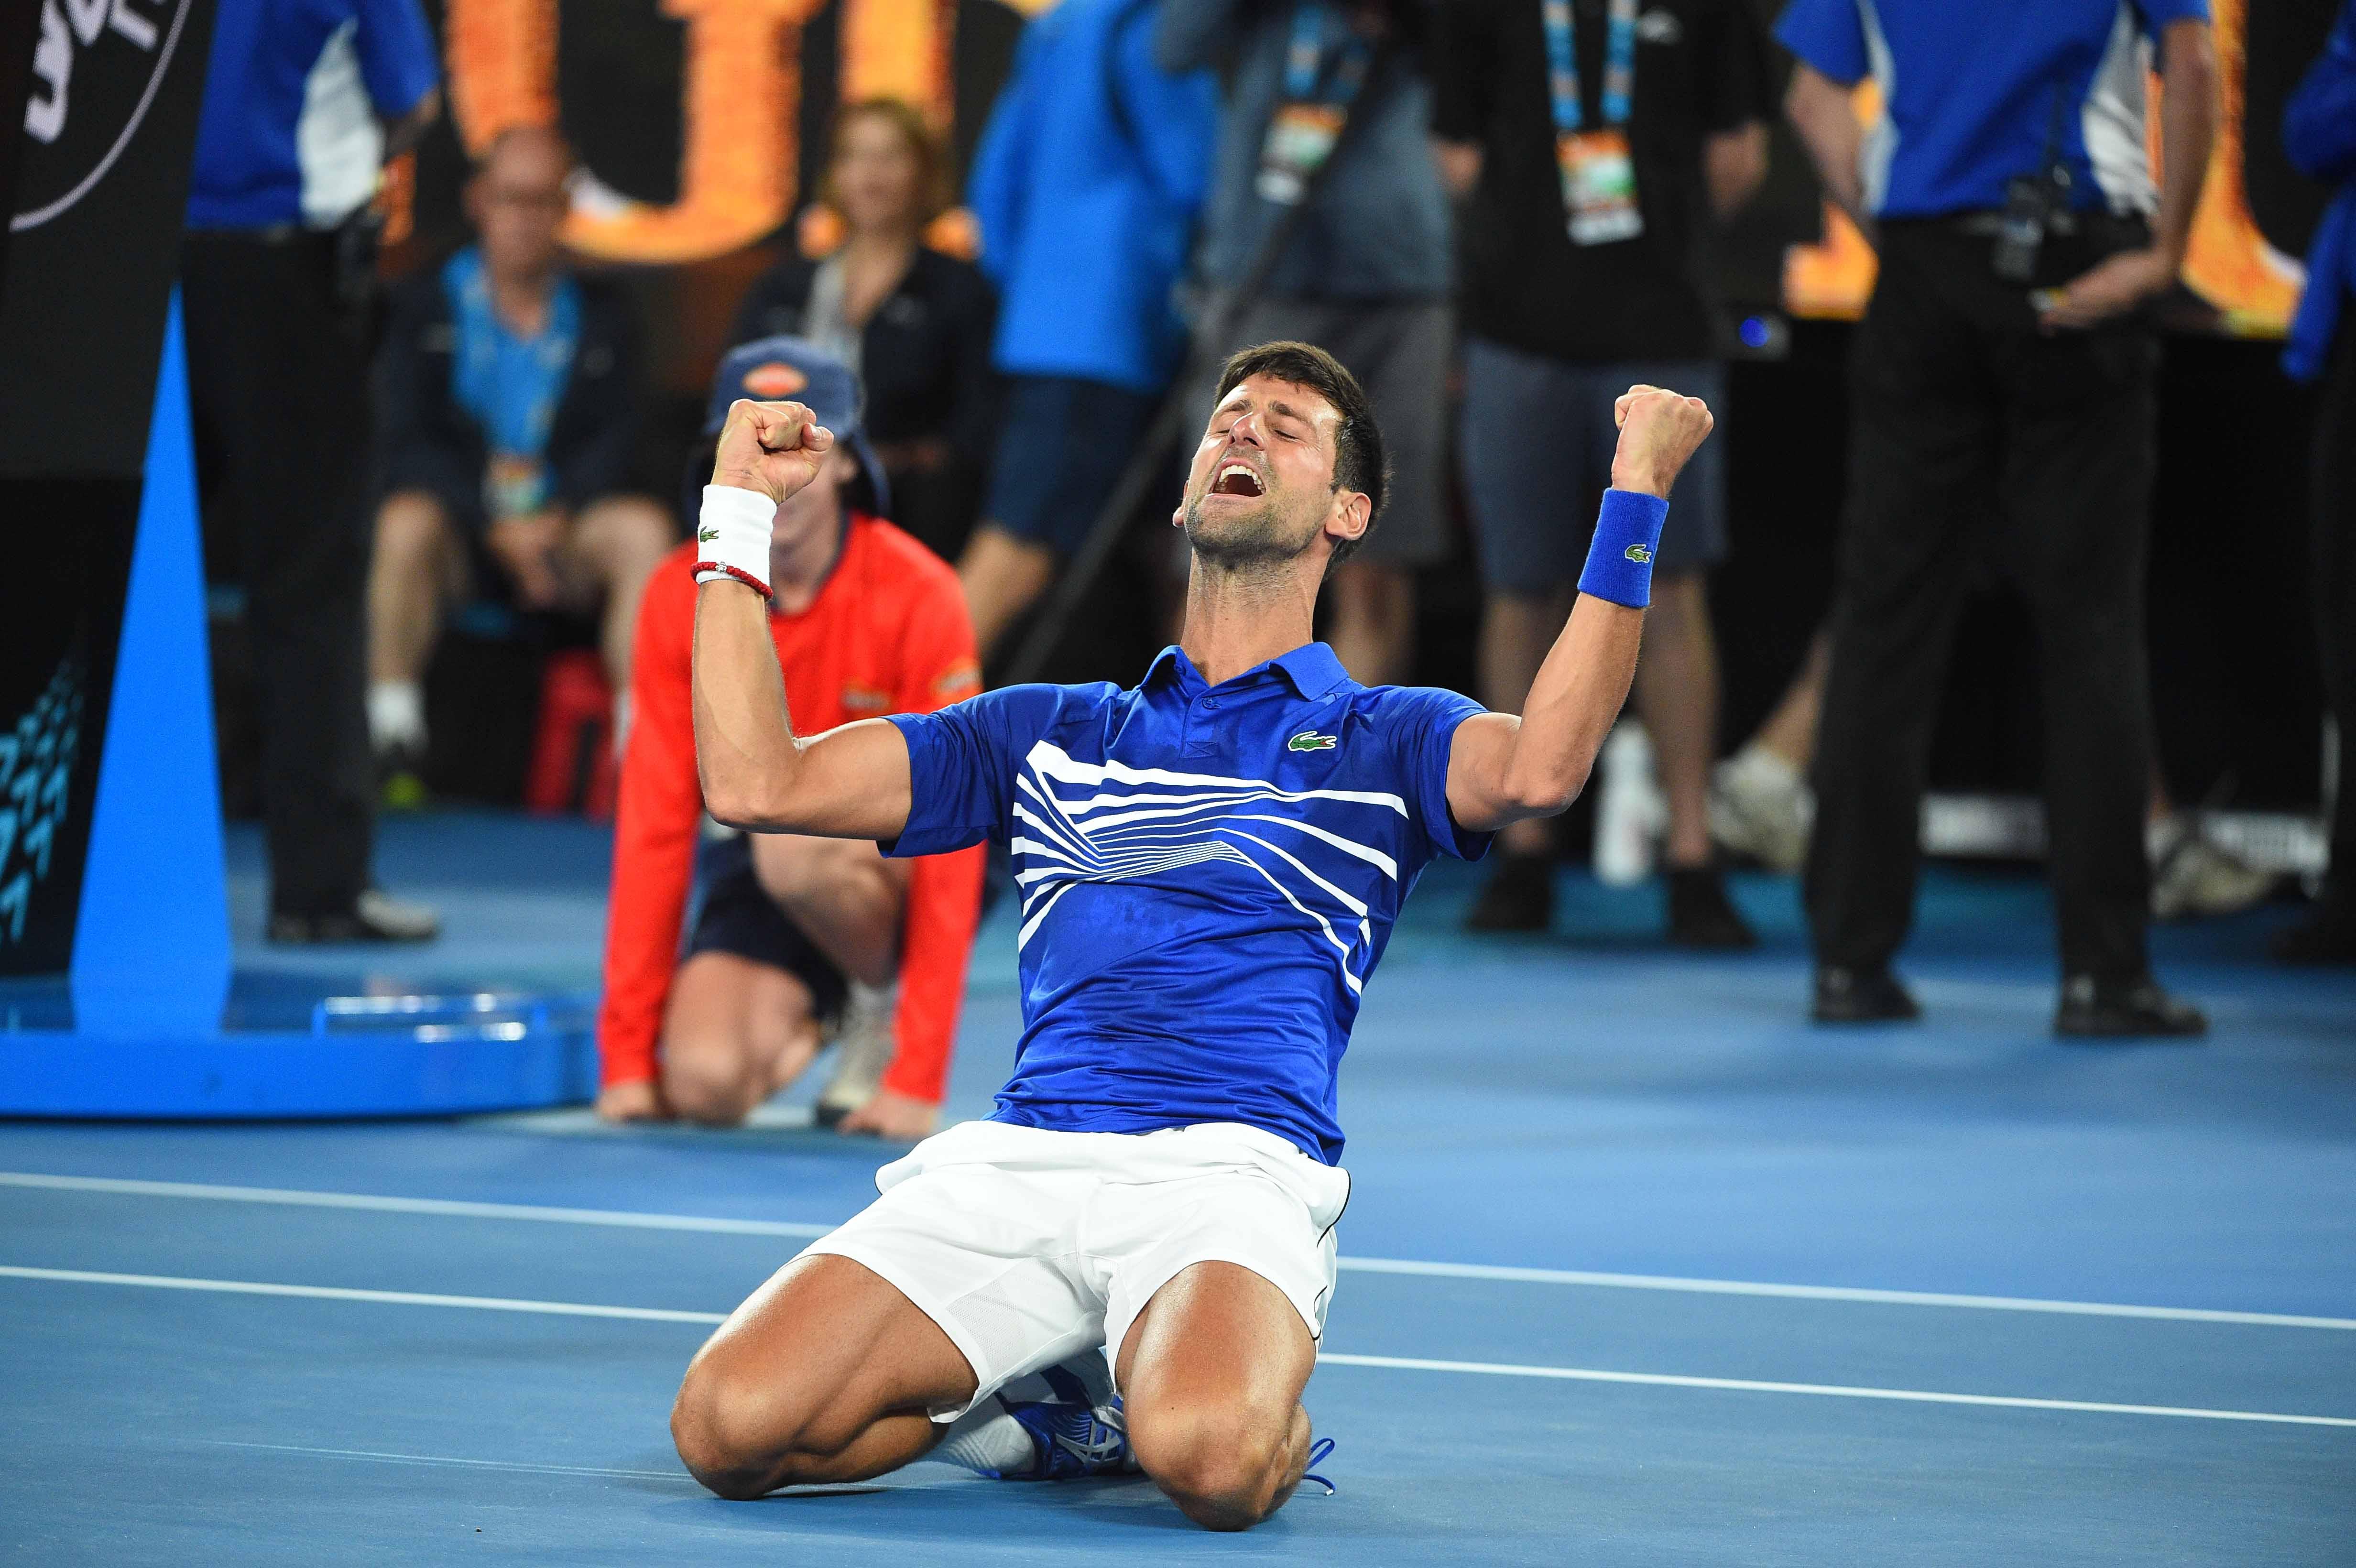 Joy for BNovak Djokovic as he wins the 2019 Australian Open